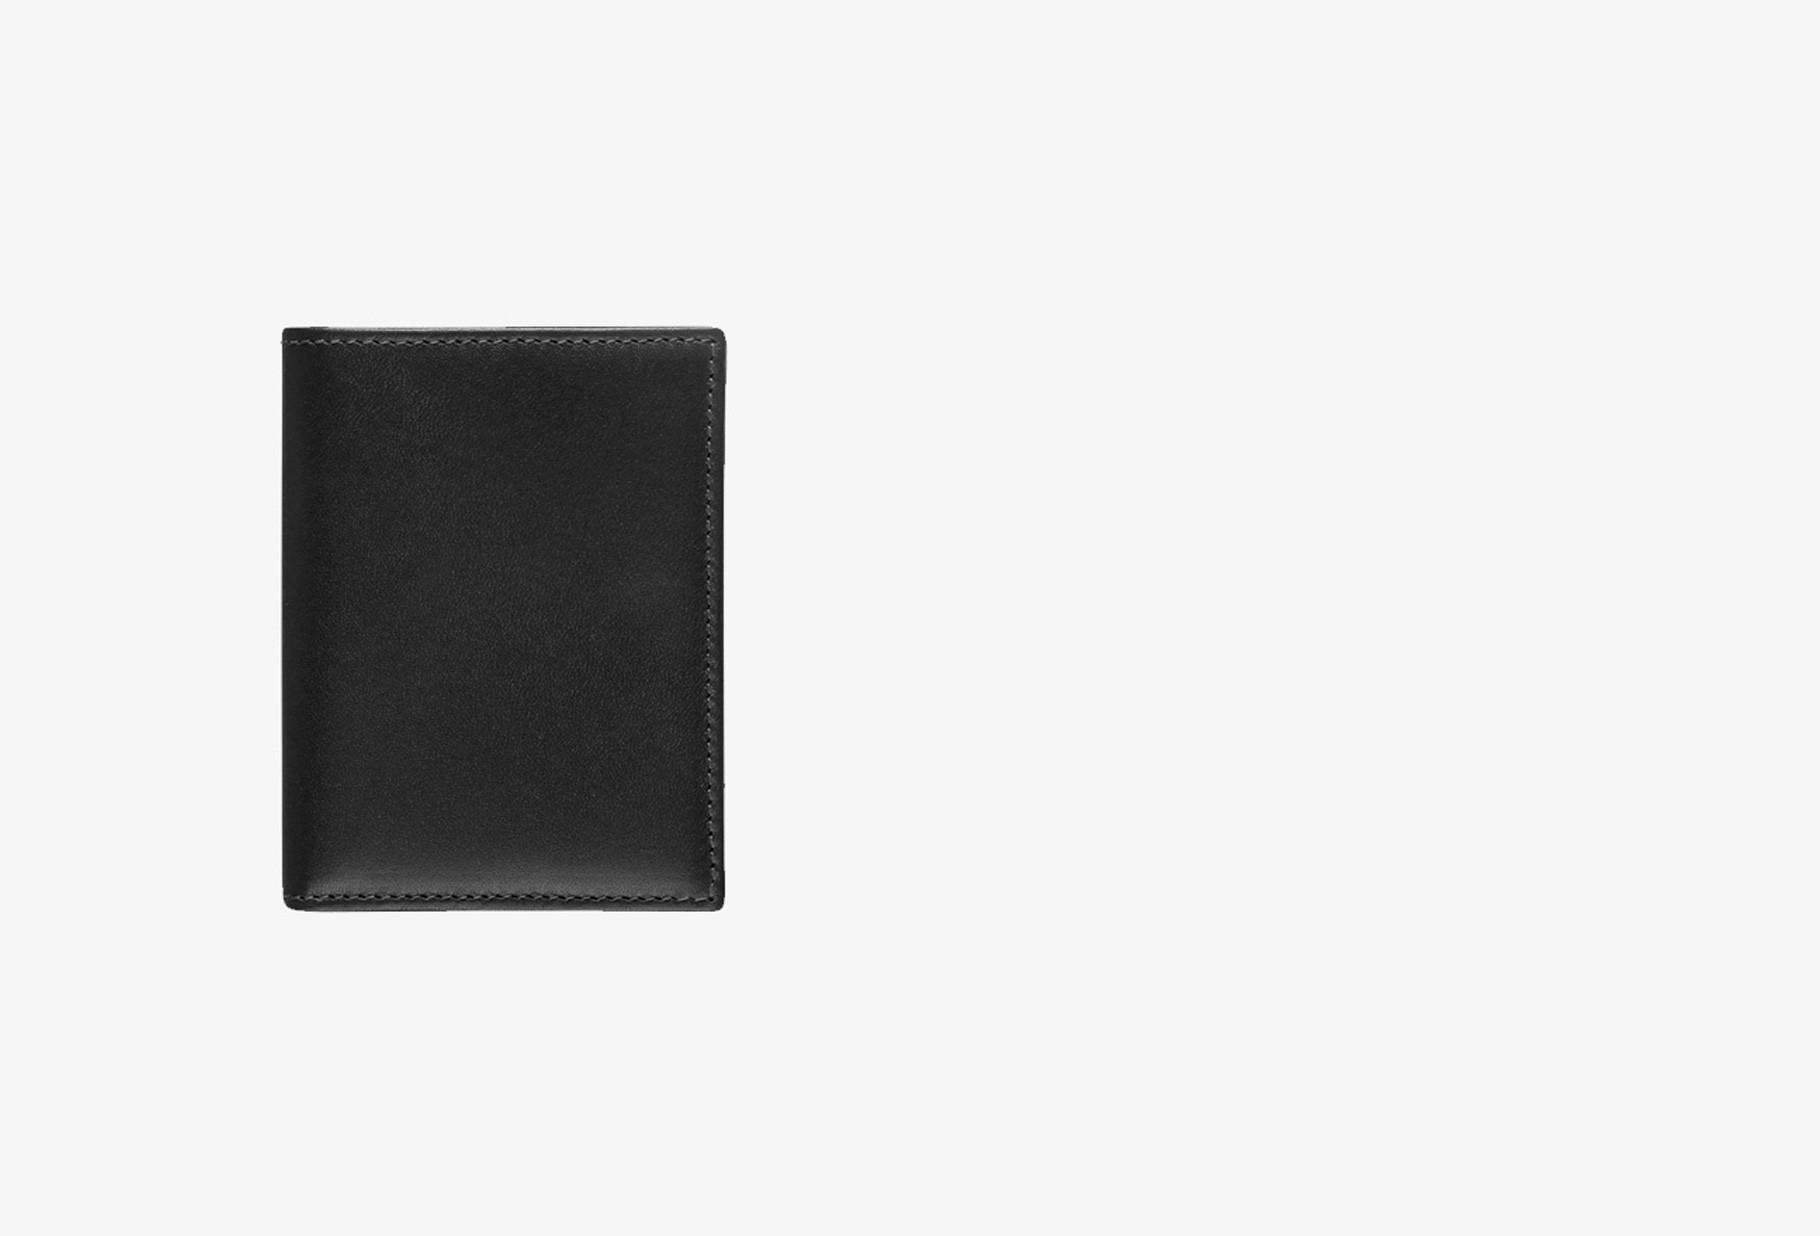 COMME DES GARÇONS WALLETS / Cdg leather wallet classic Sa0641 black